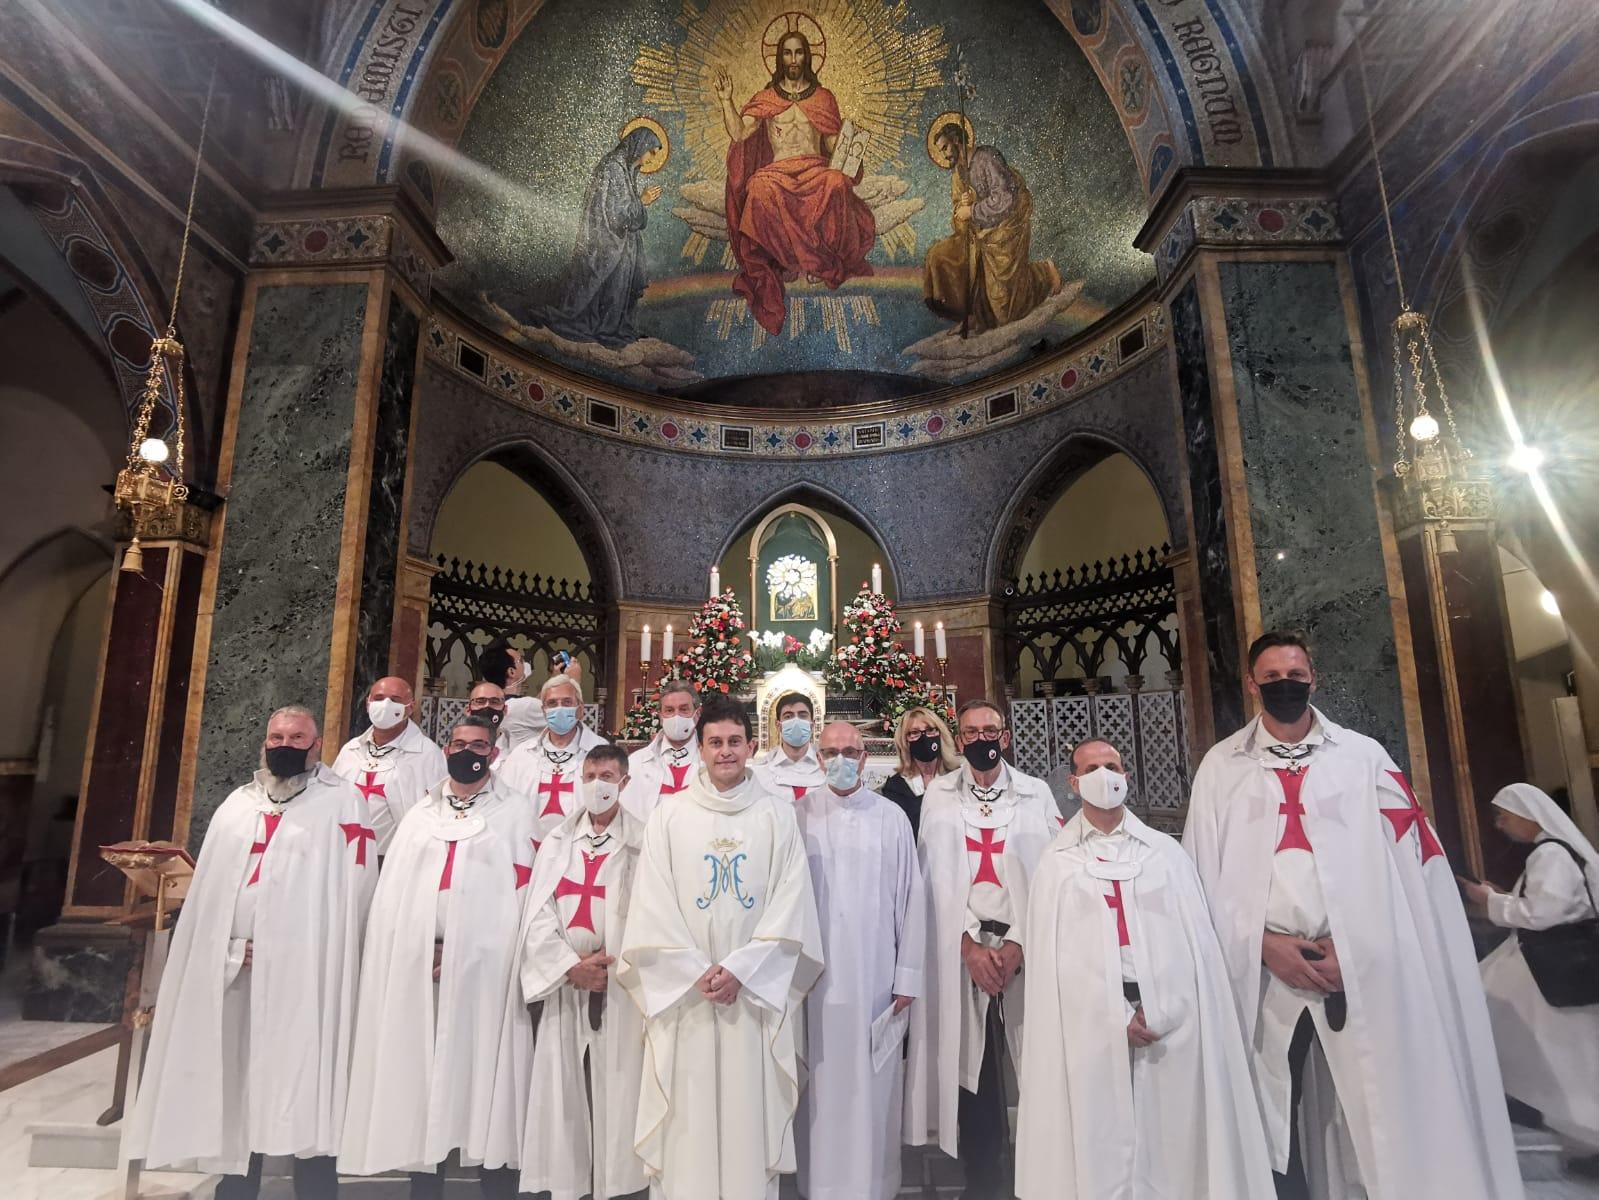 Verlegung des Gewahrsams und feierliche Heilige Messe für die Madona del Perpetuo Soccorso – Kirche Sant'Alfonso all'Esquilino – Rom 27.06.2021